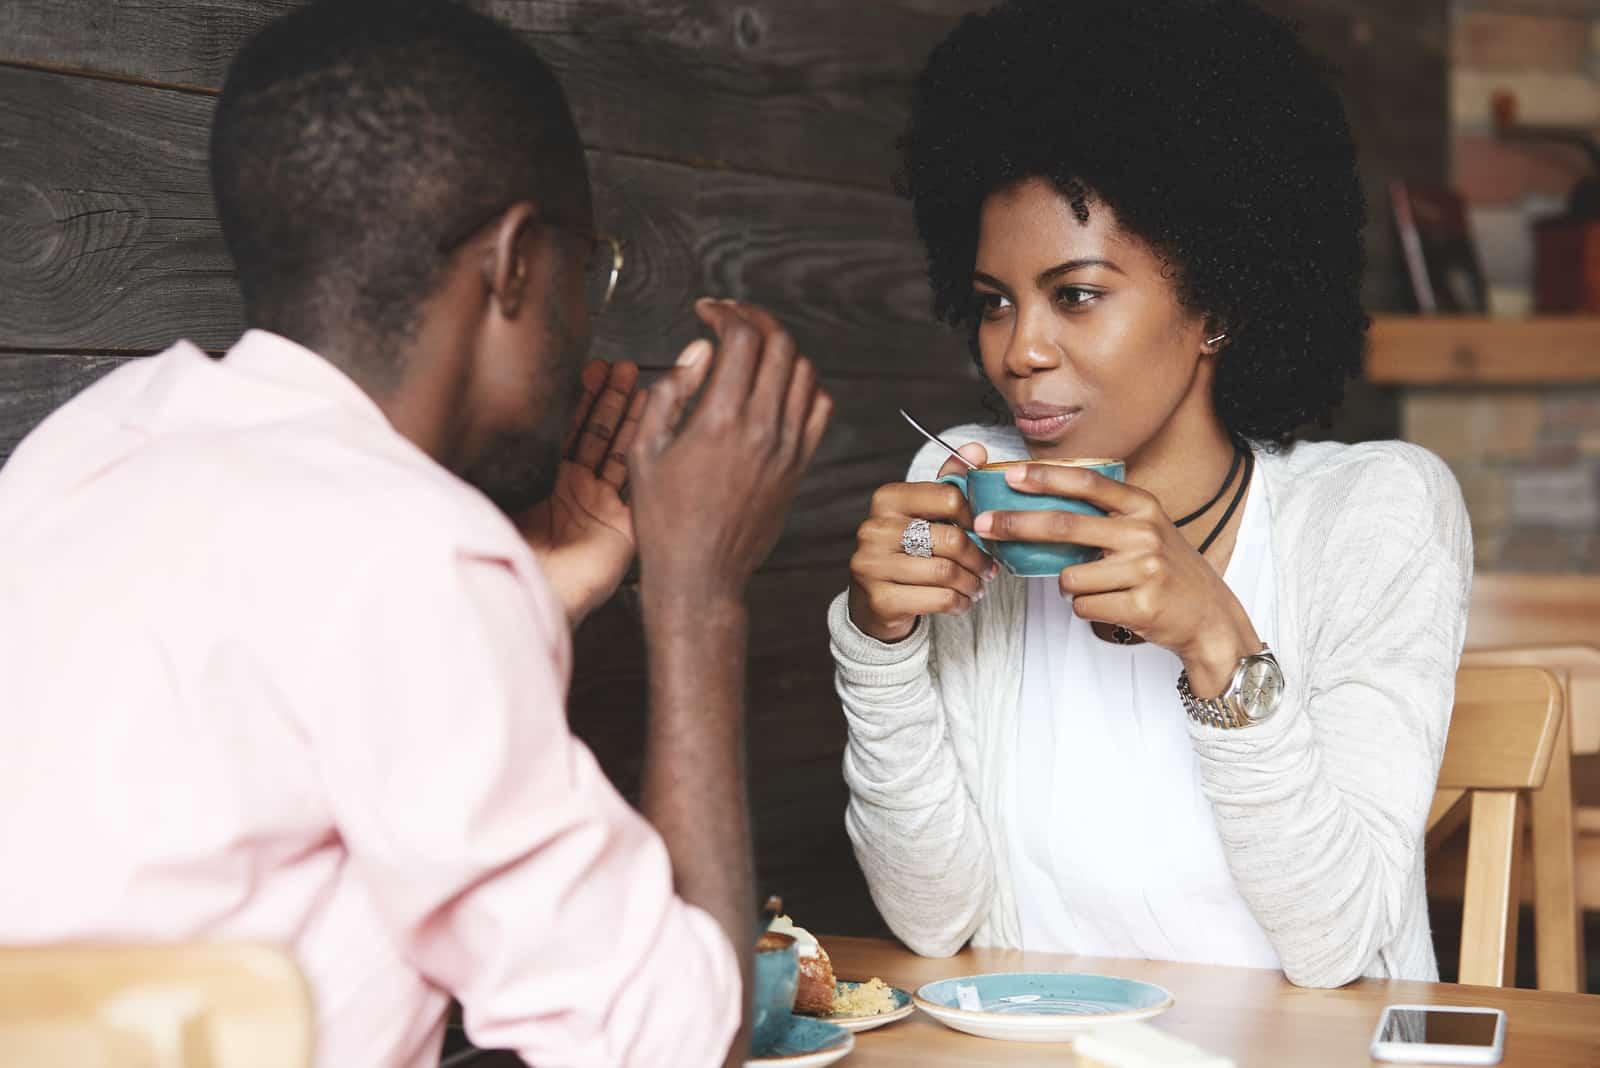 Frau hält eine Tasse Kaffee, hört zu und schaut ihren Freund an